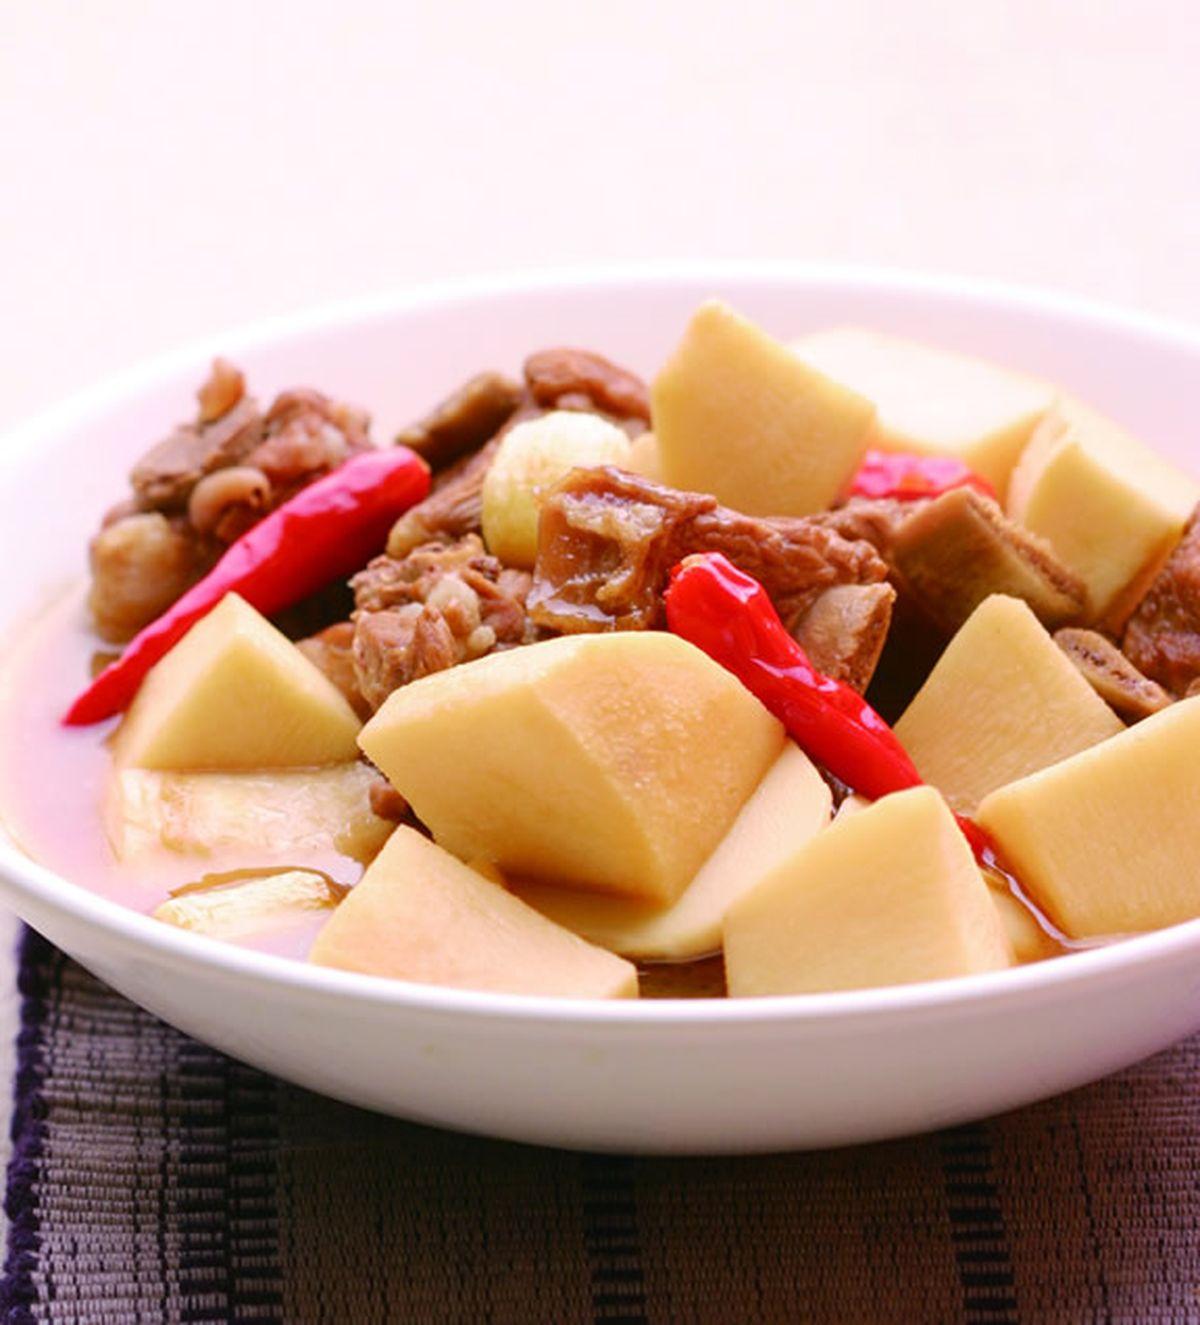 食譜:竹筍燒排骨